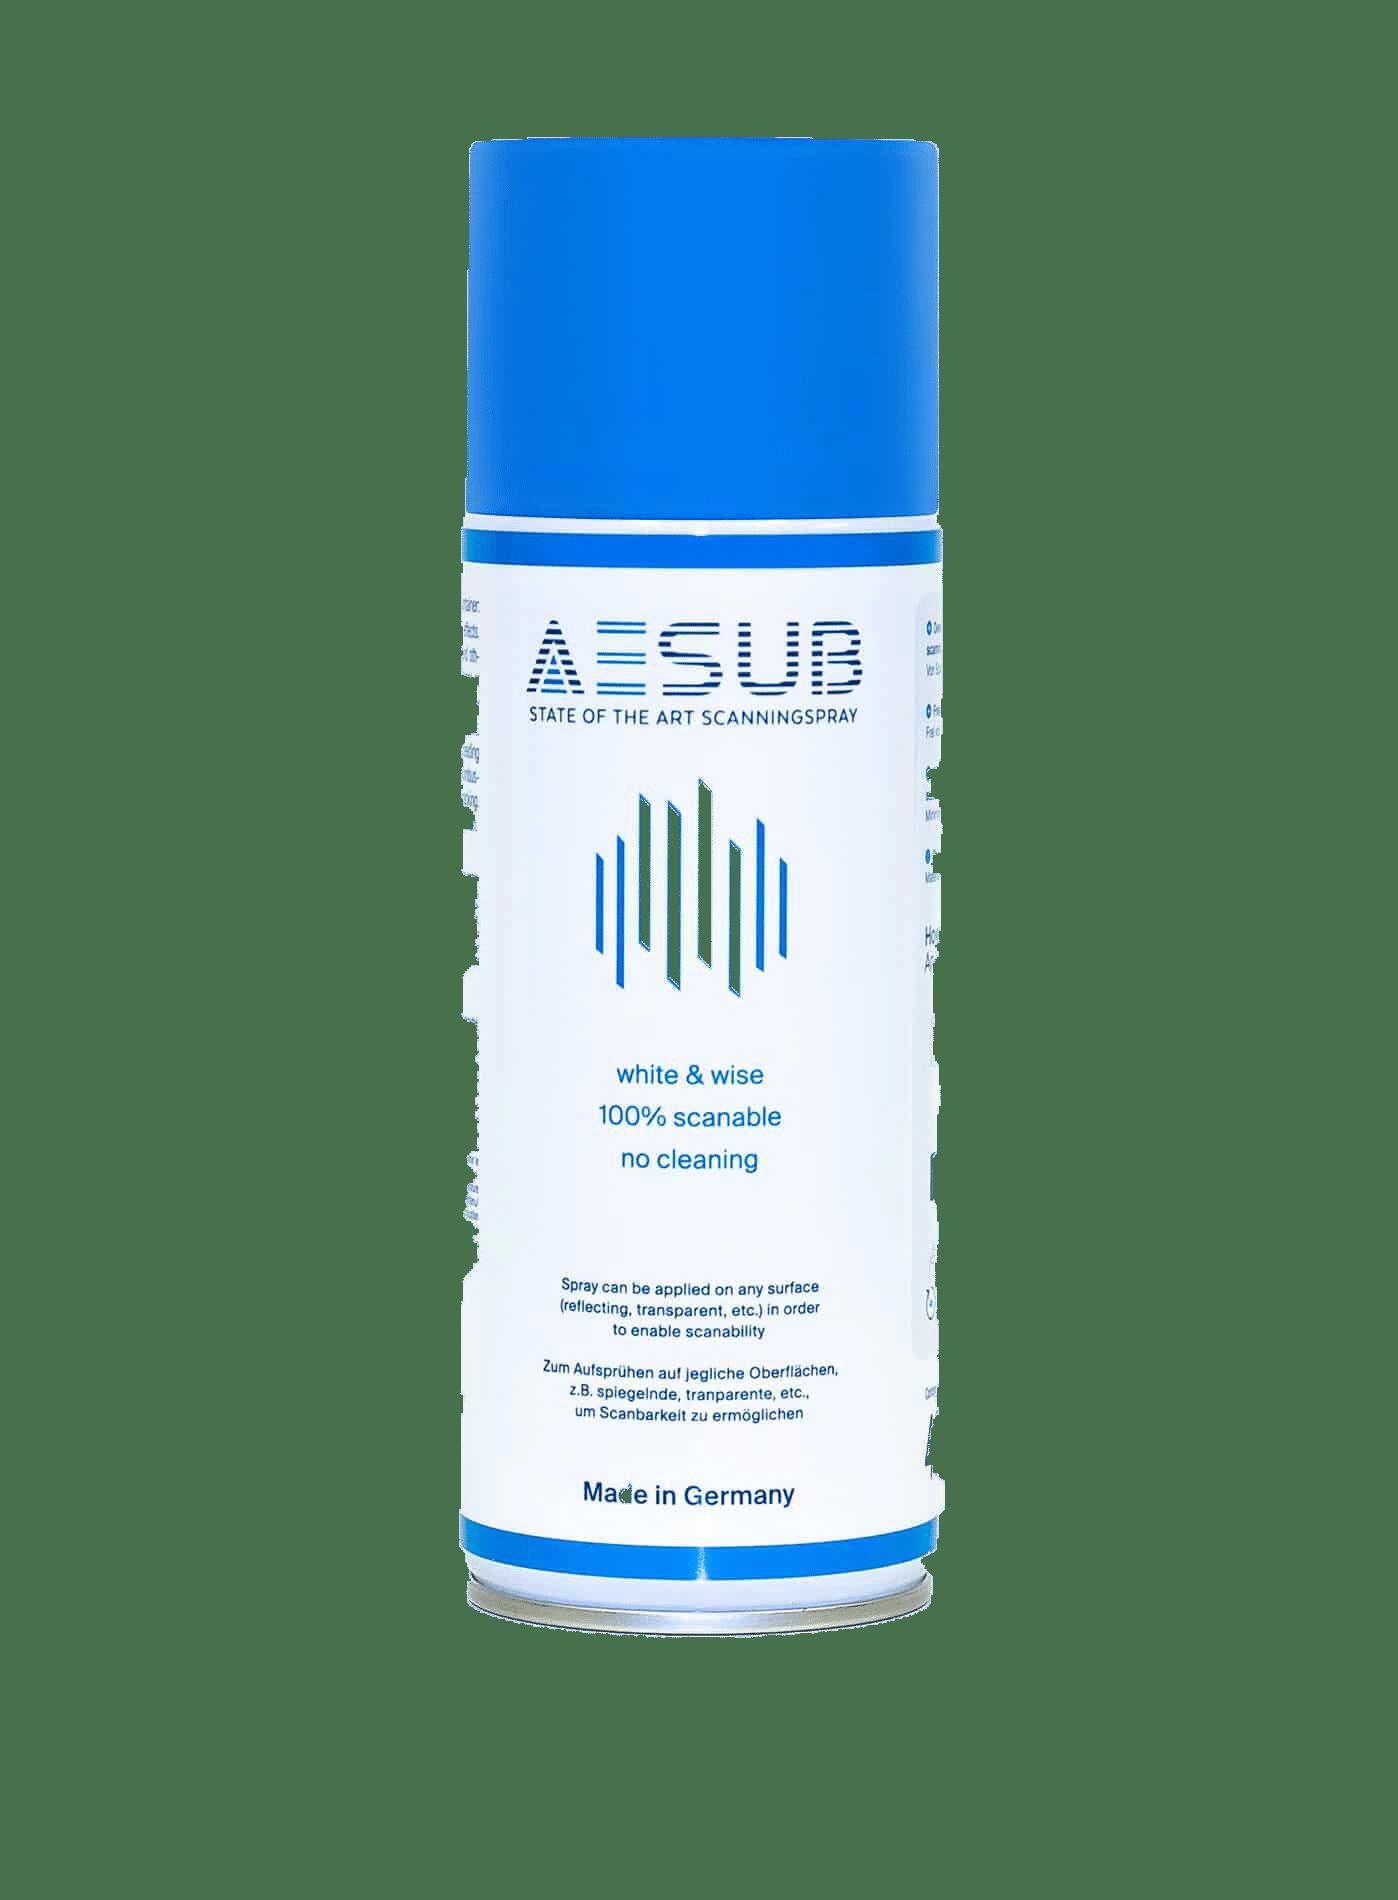 Aesub Blue 3D scanning spray